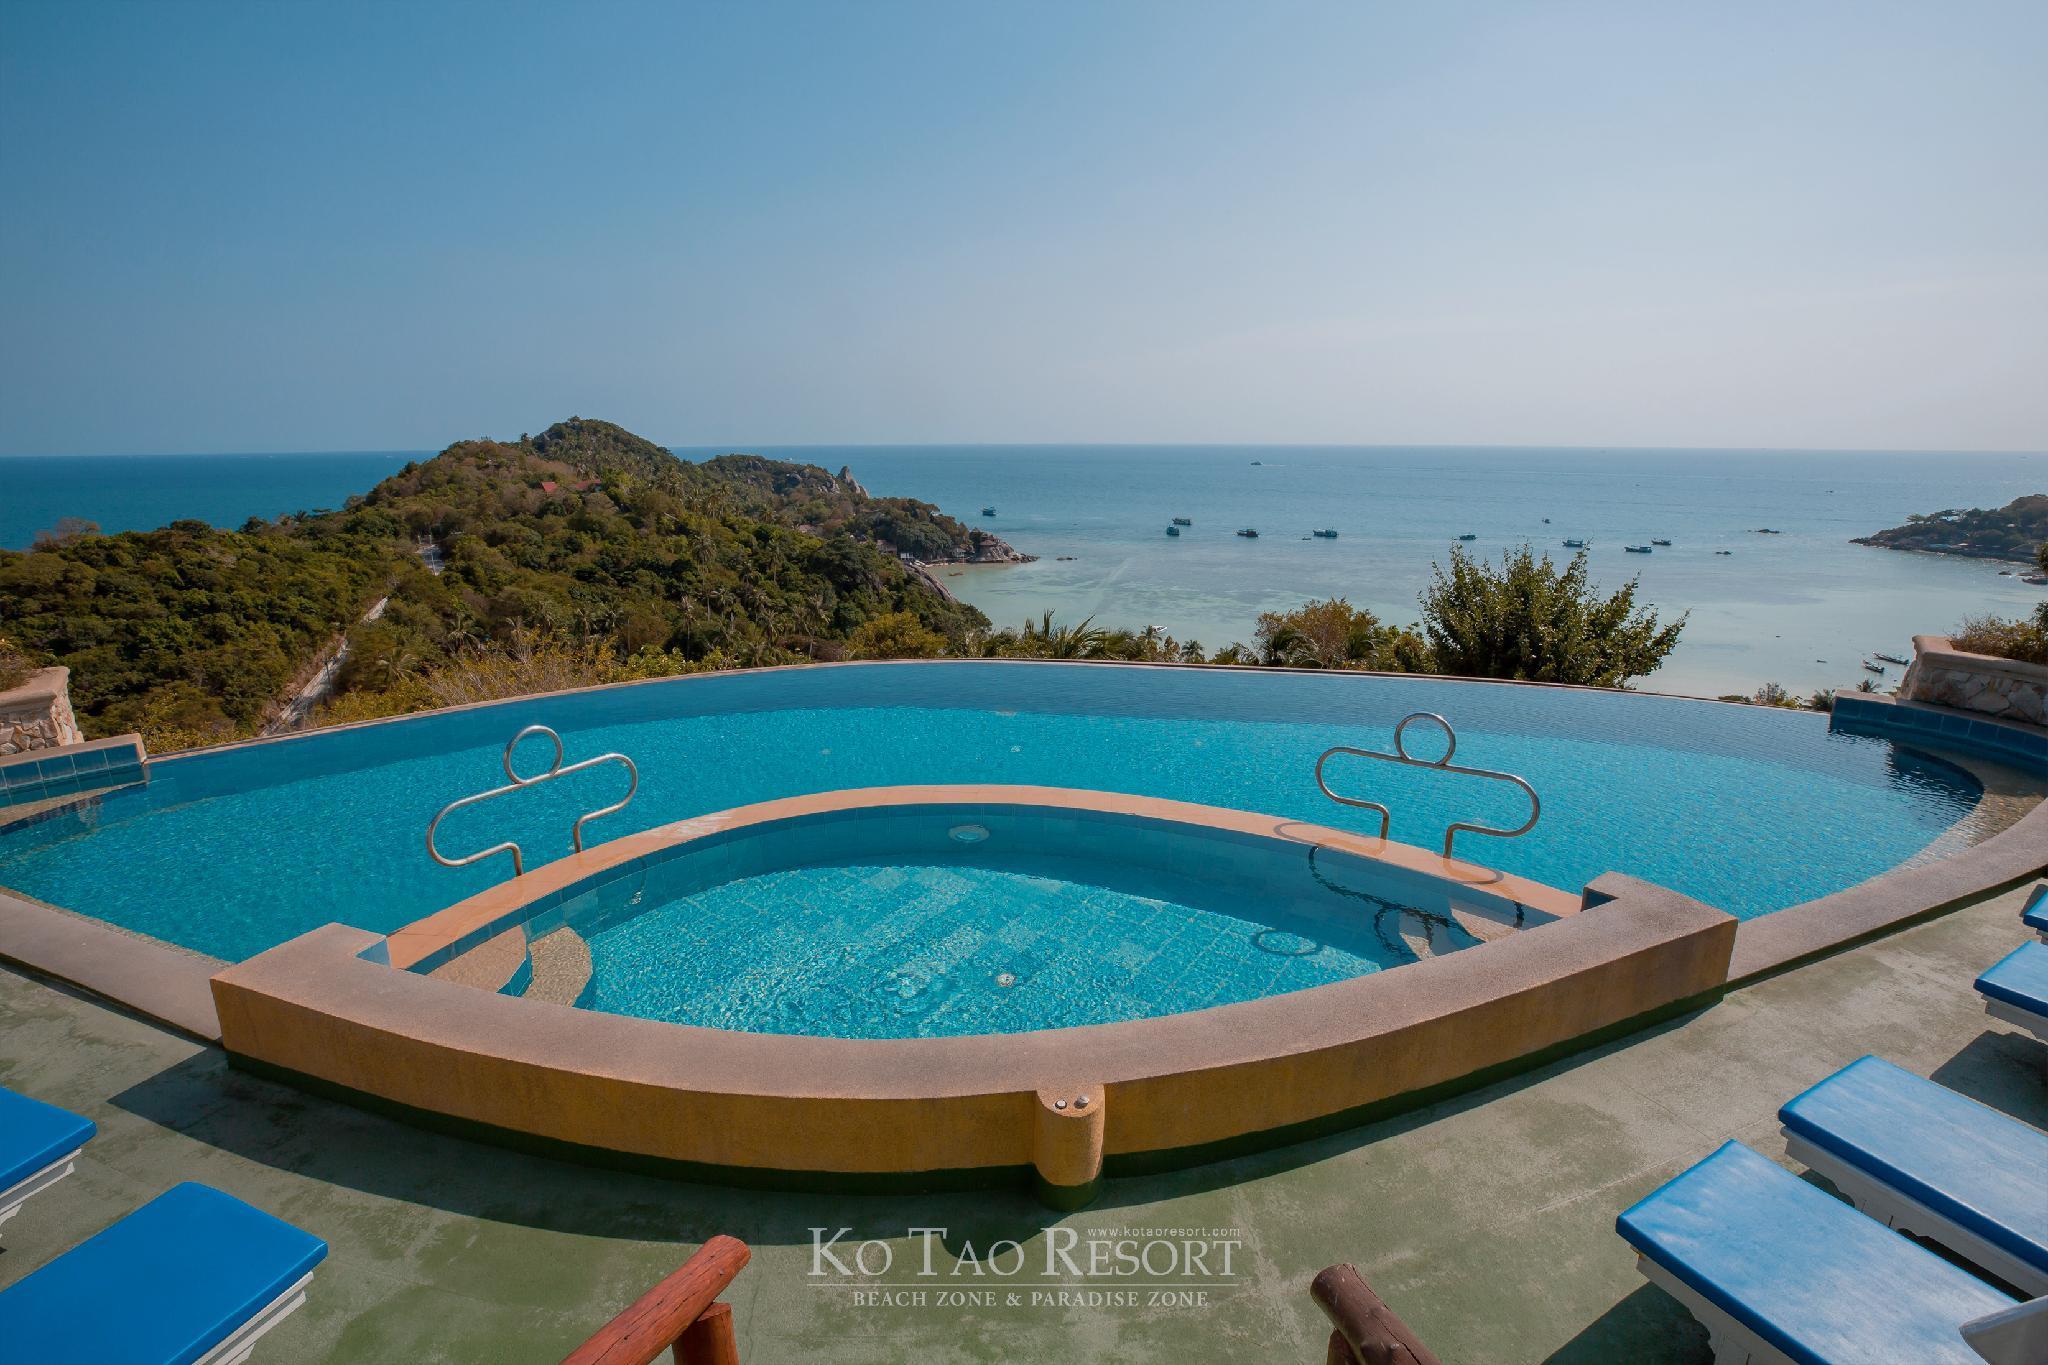 Ko Tao Resort Paradise Zone